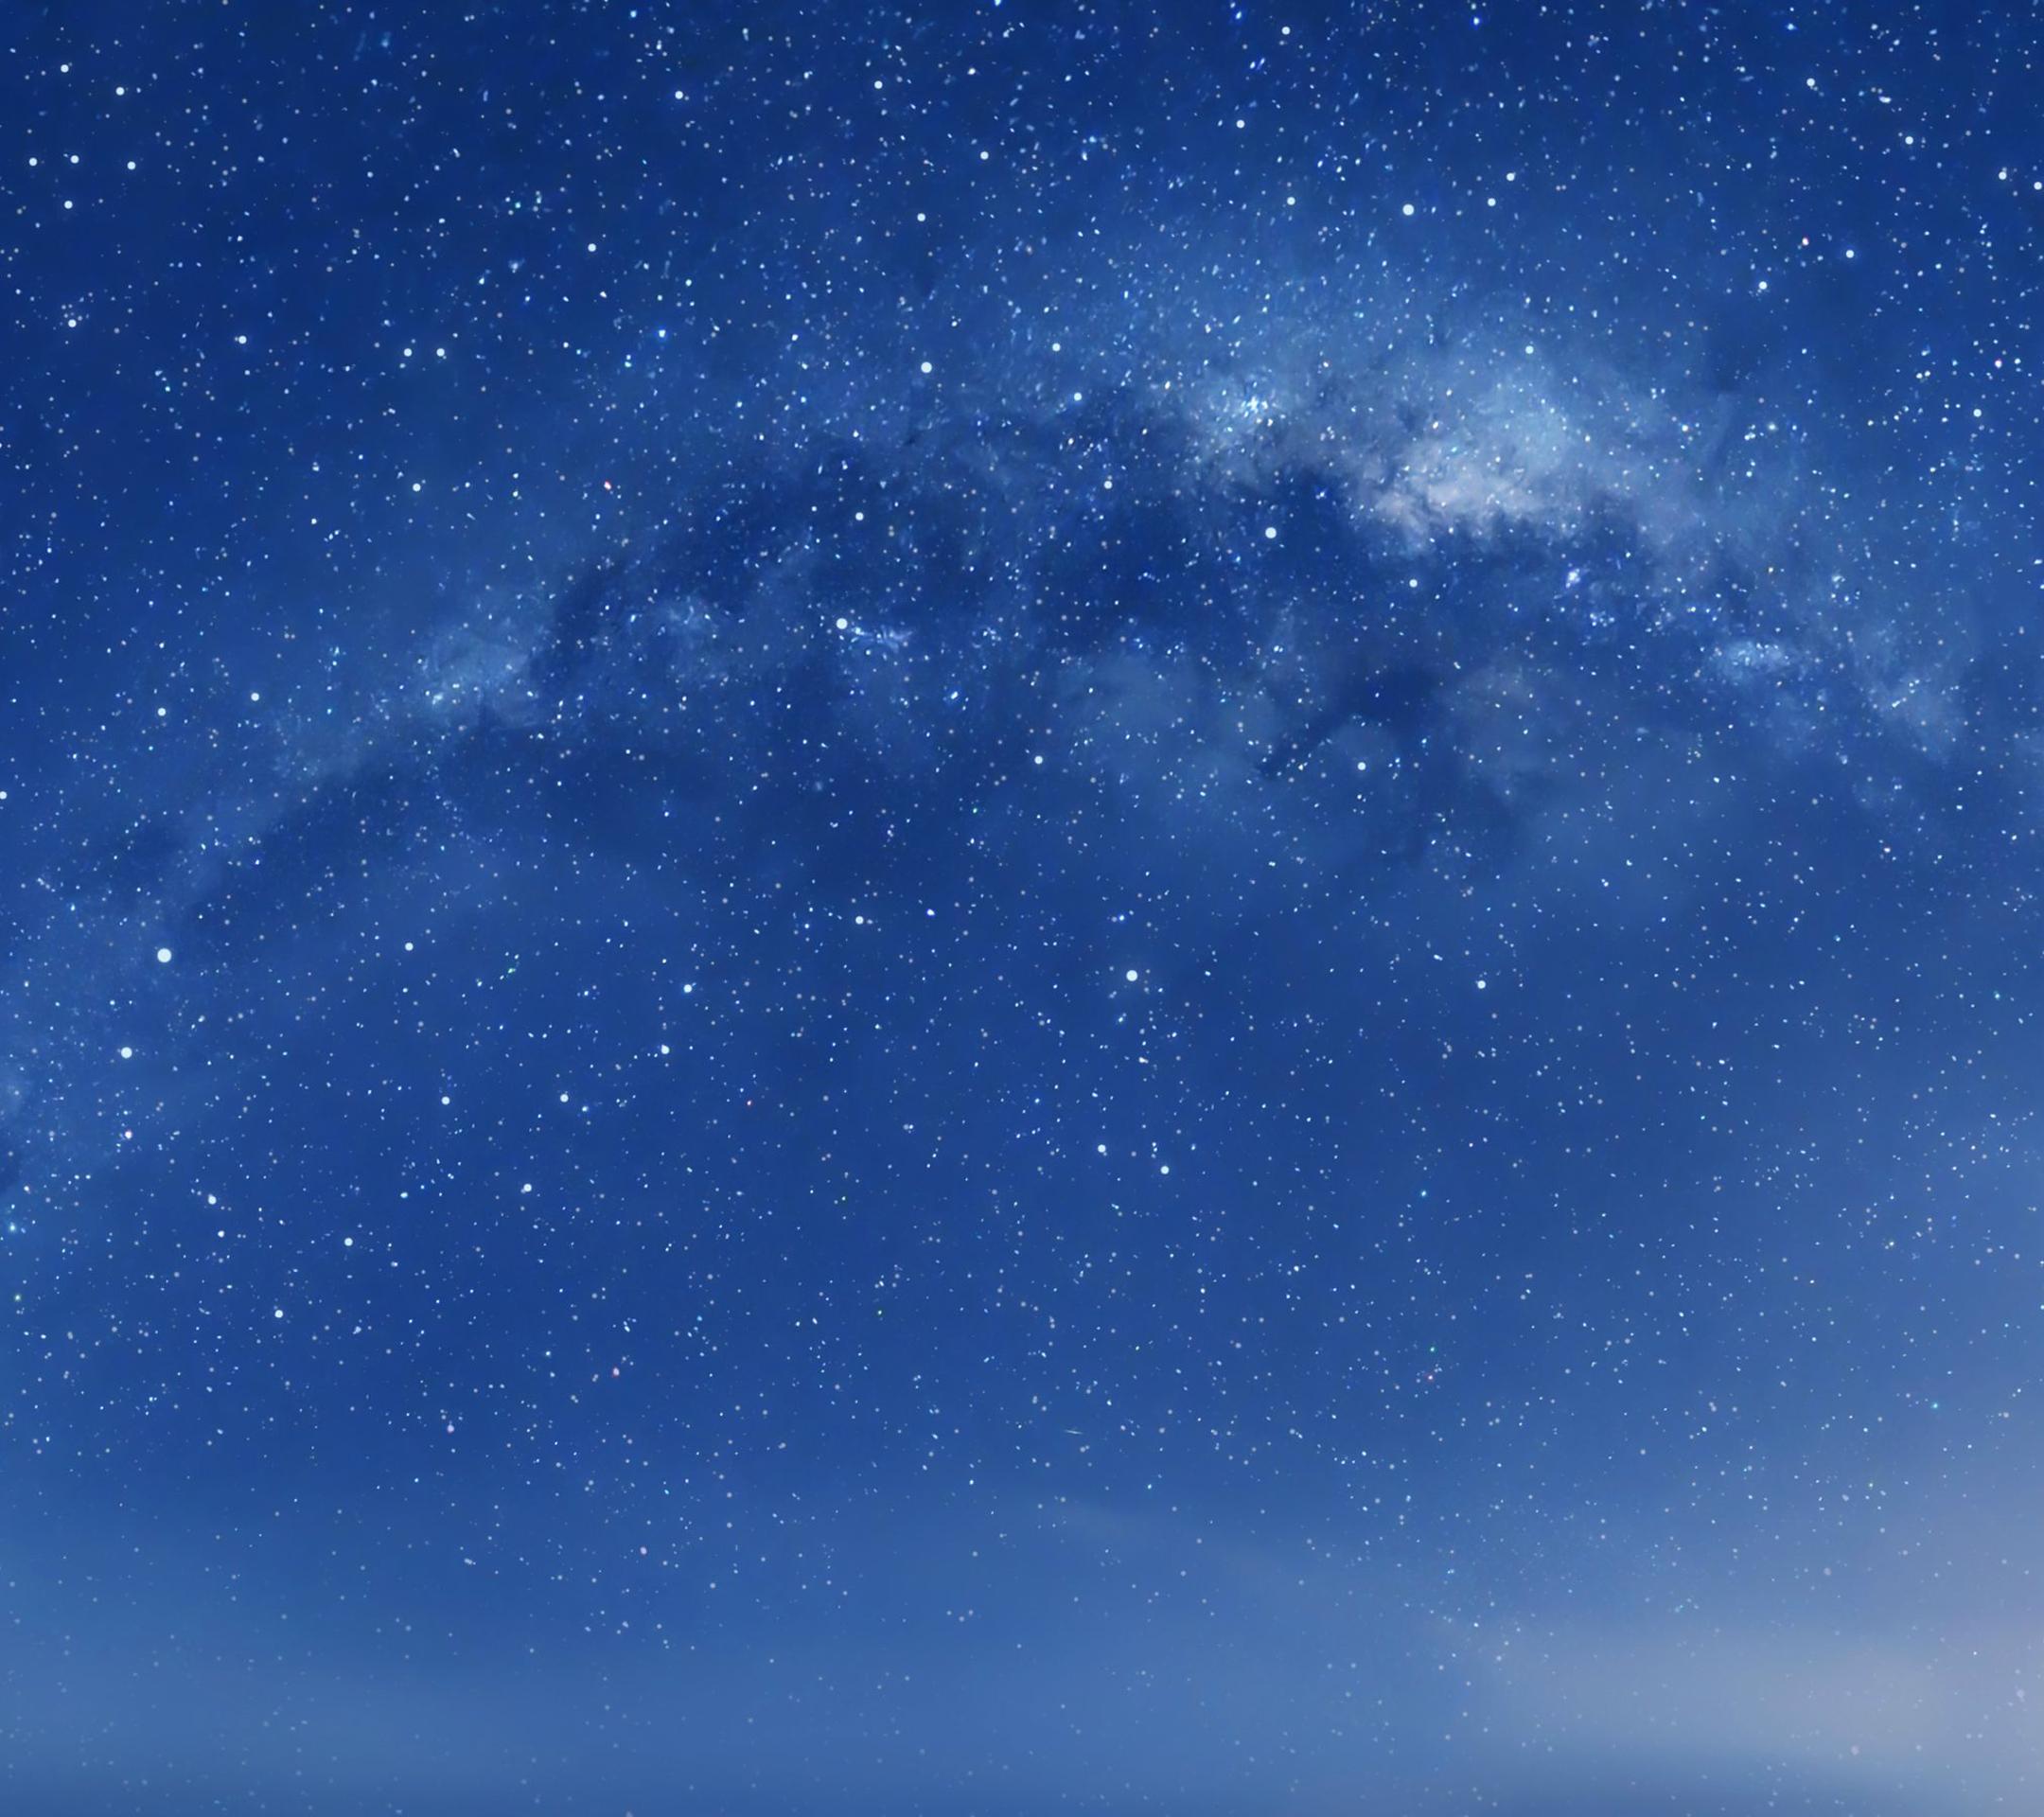 Apple iOS 8 Default Milky Way Galaxy Desktop Wallpaper 2160x1920